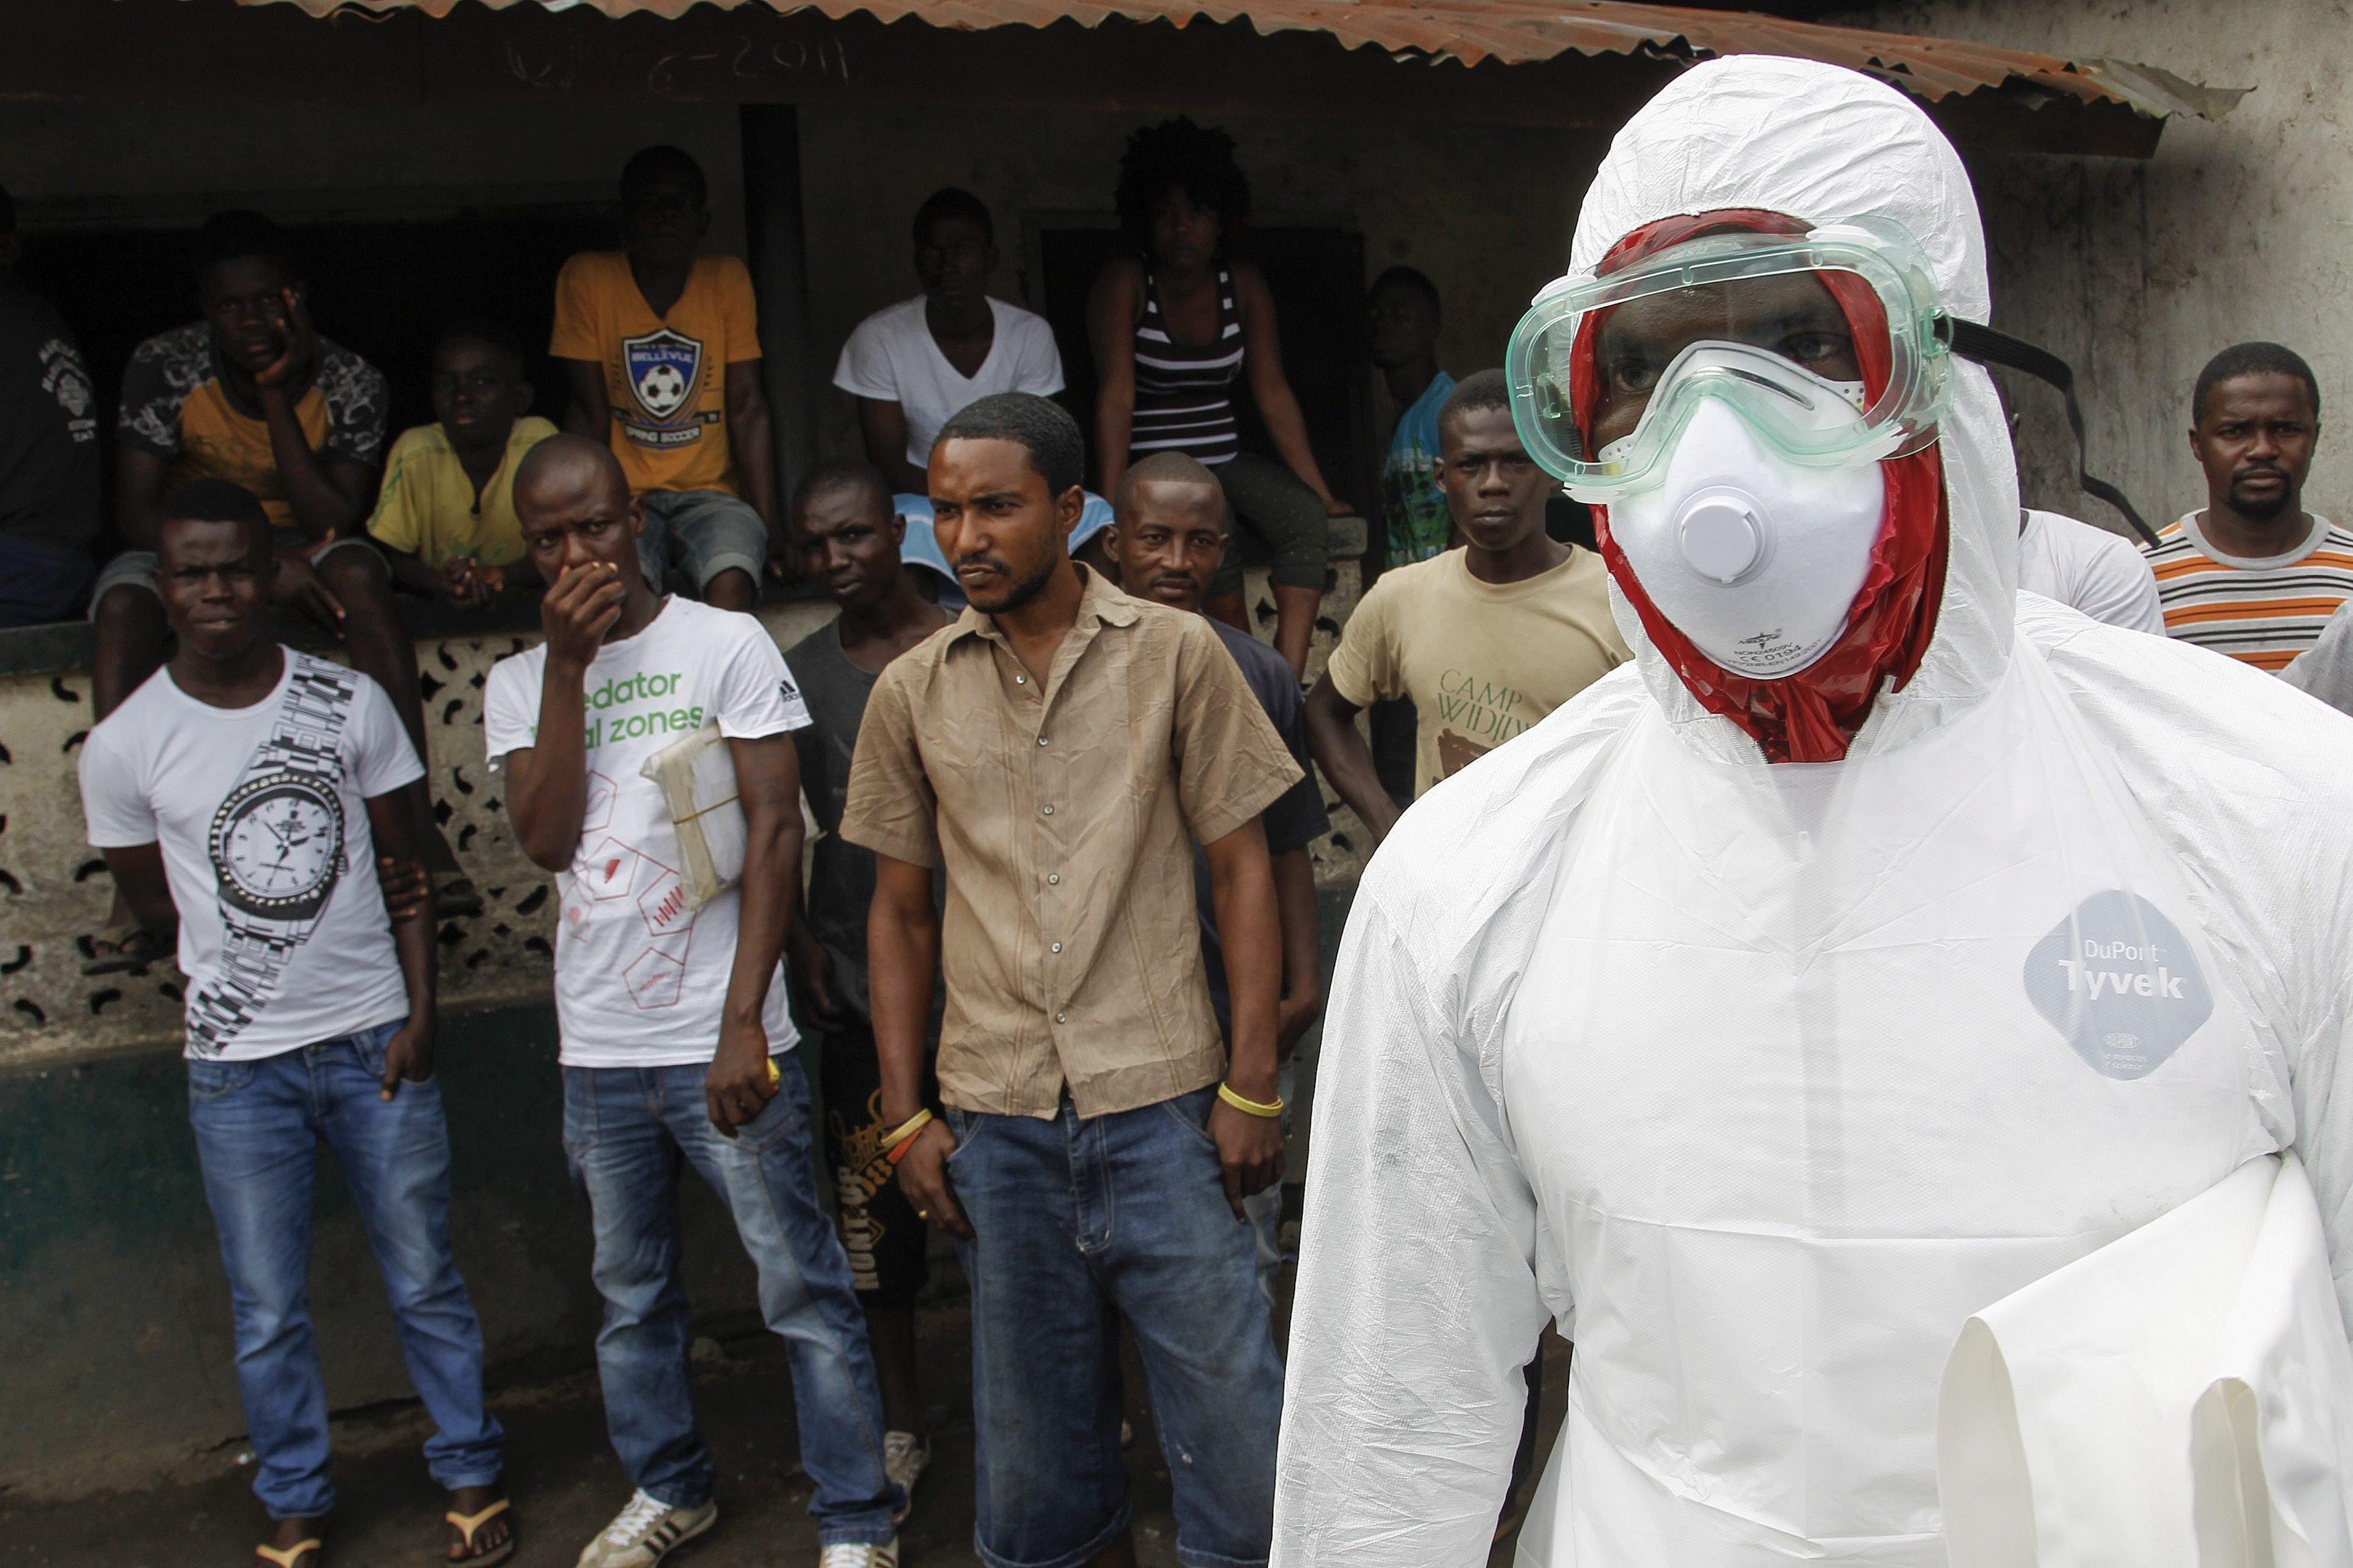 Вакцина от вируса Эбола продемонстрировала стопроцентную эффективность